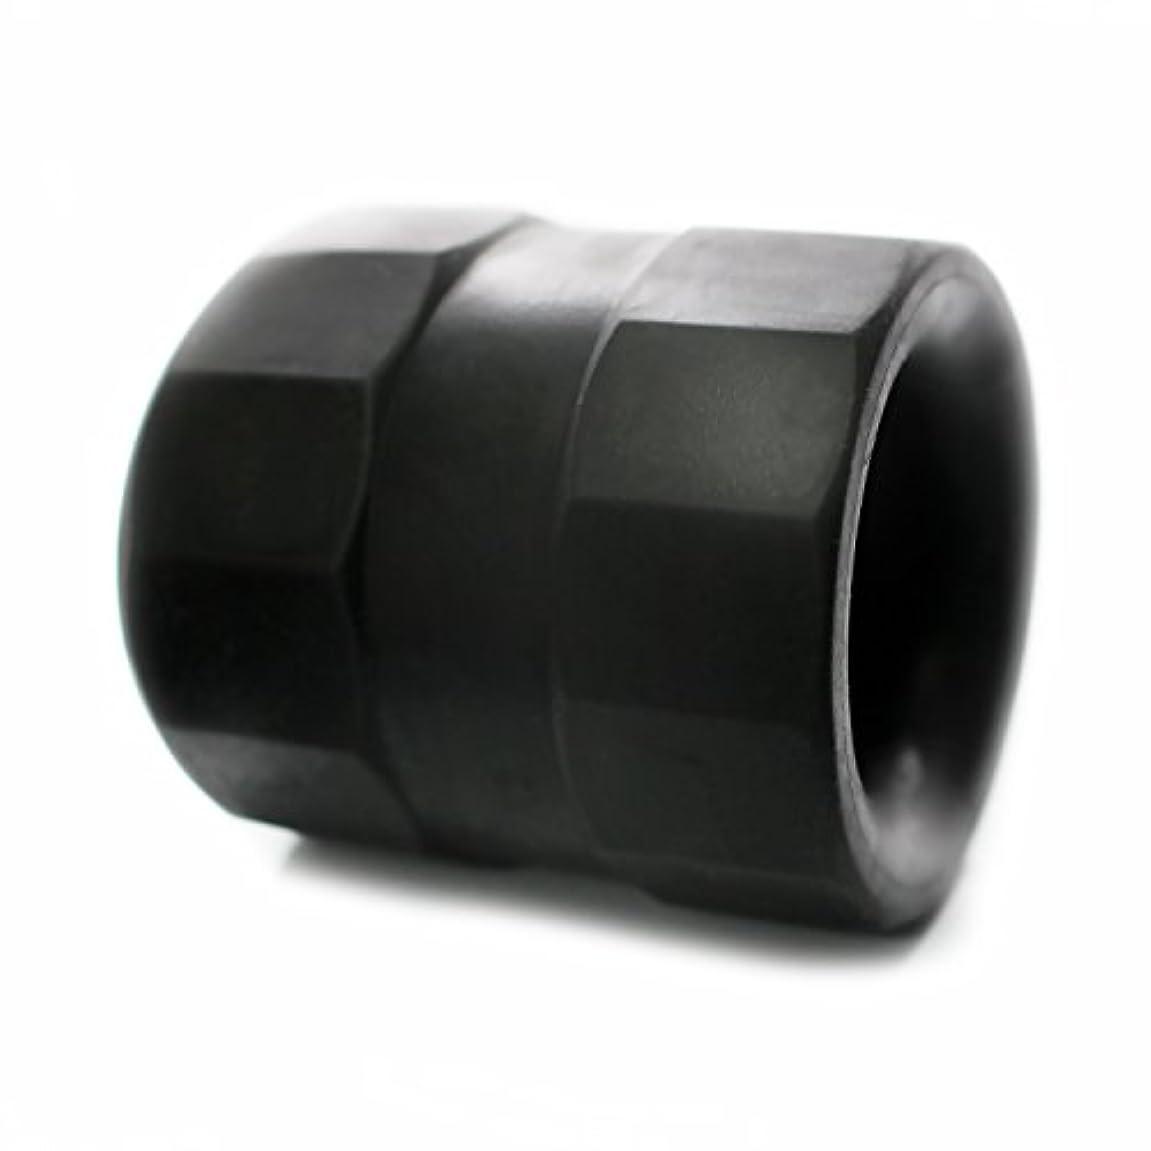 ペインギリック些細究極のスーパーボールストレッチ TPE ボールストレッチャー コックリング 129 (ブラック)